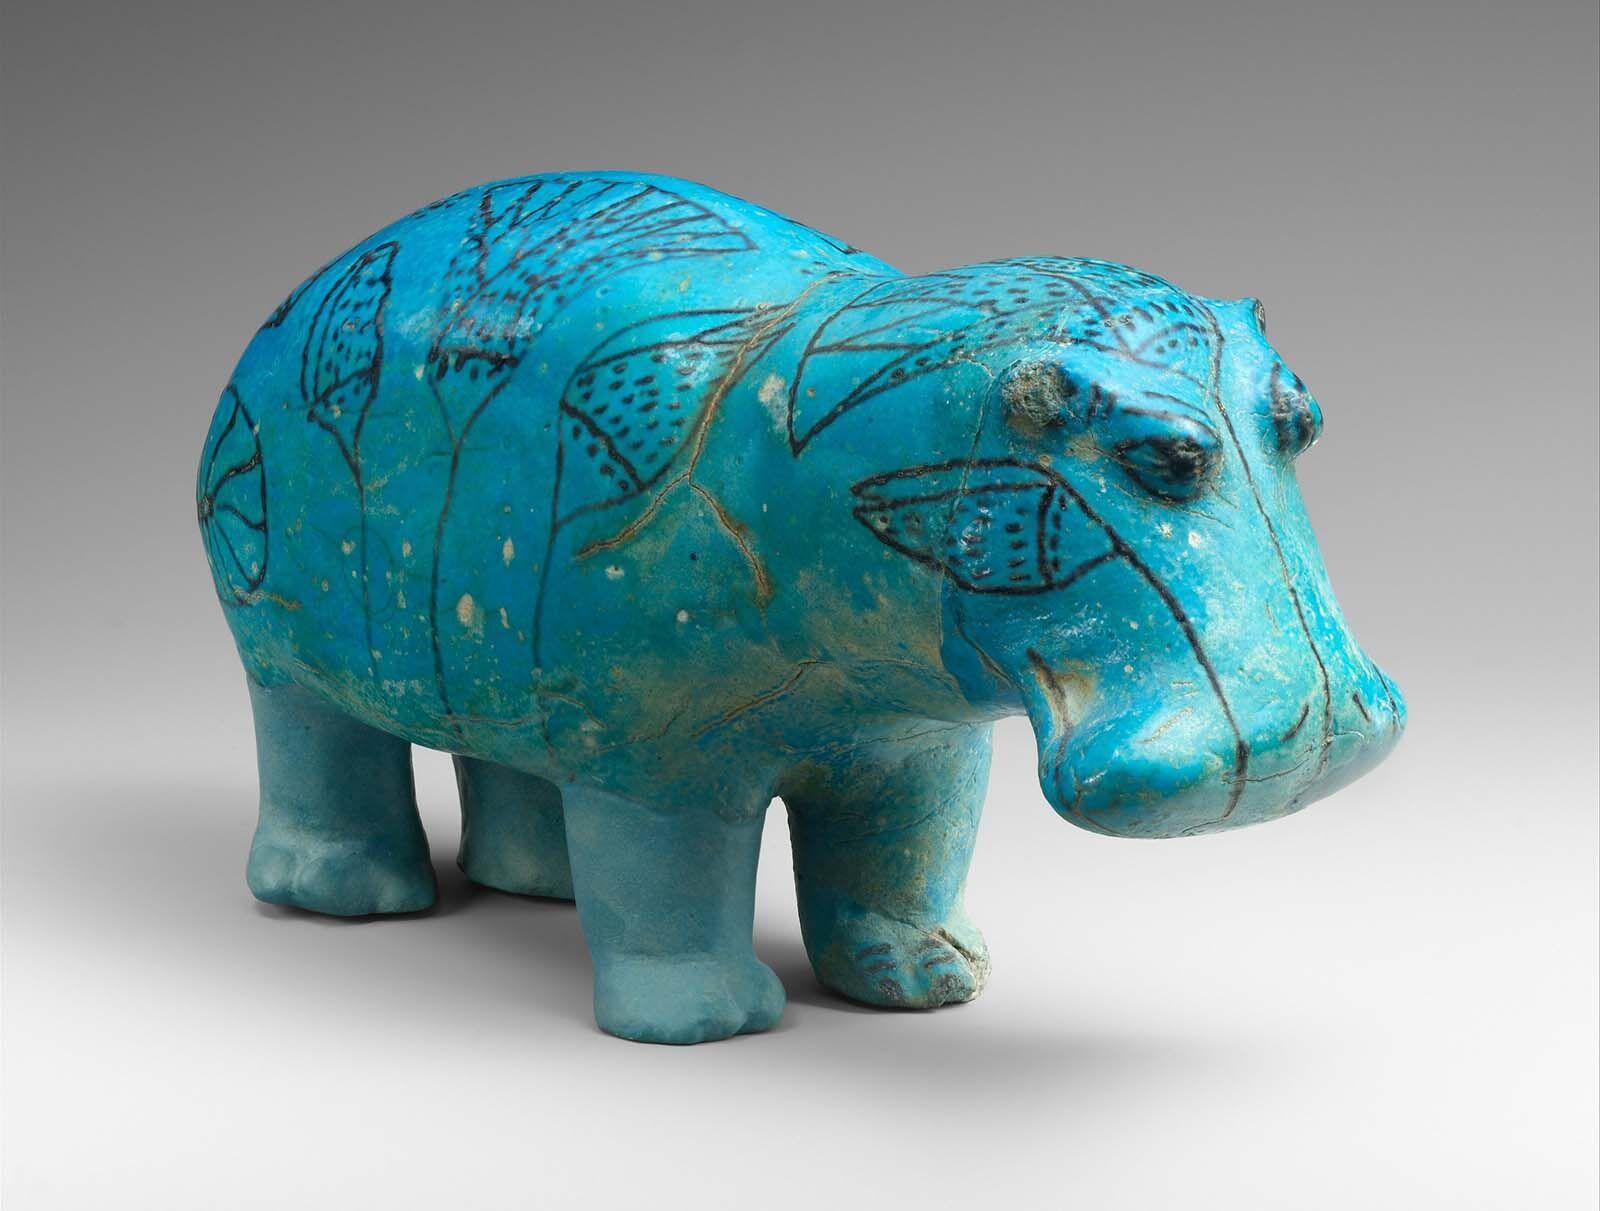 William the Faience Hippopotamus, c.1961 BC – c.1878 BC, Metropolitan Museum of Art